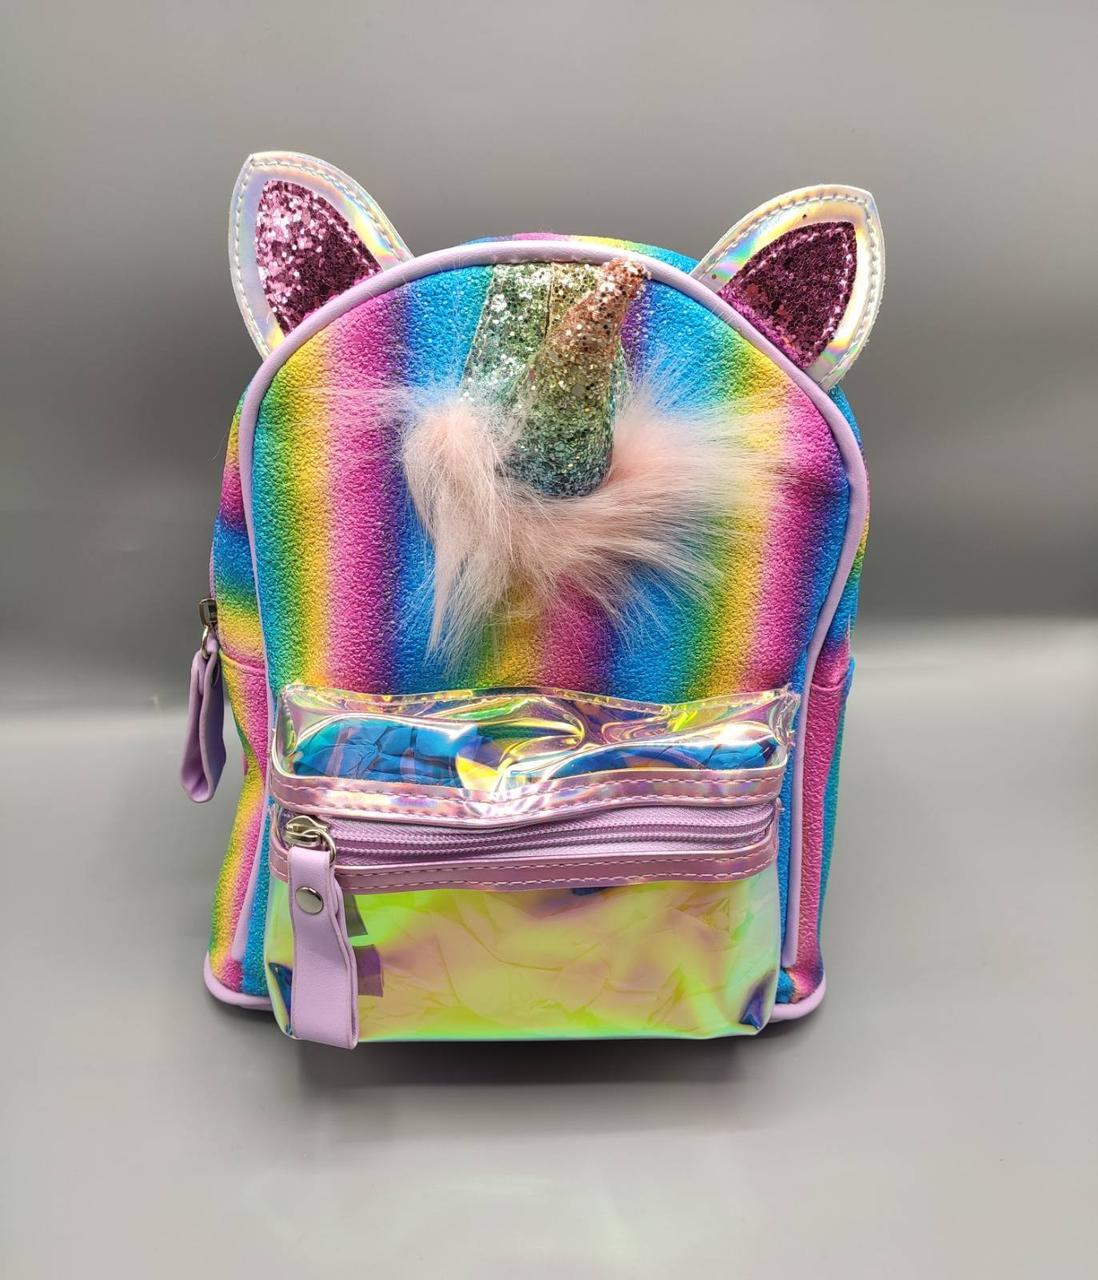 Дитячий рюкзак єдиноріг 4 кольори - бузковий